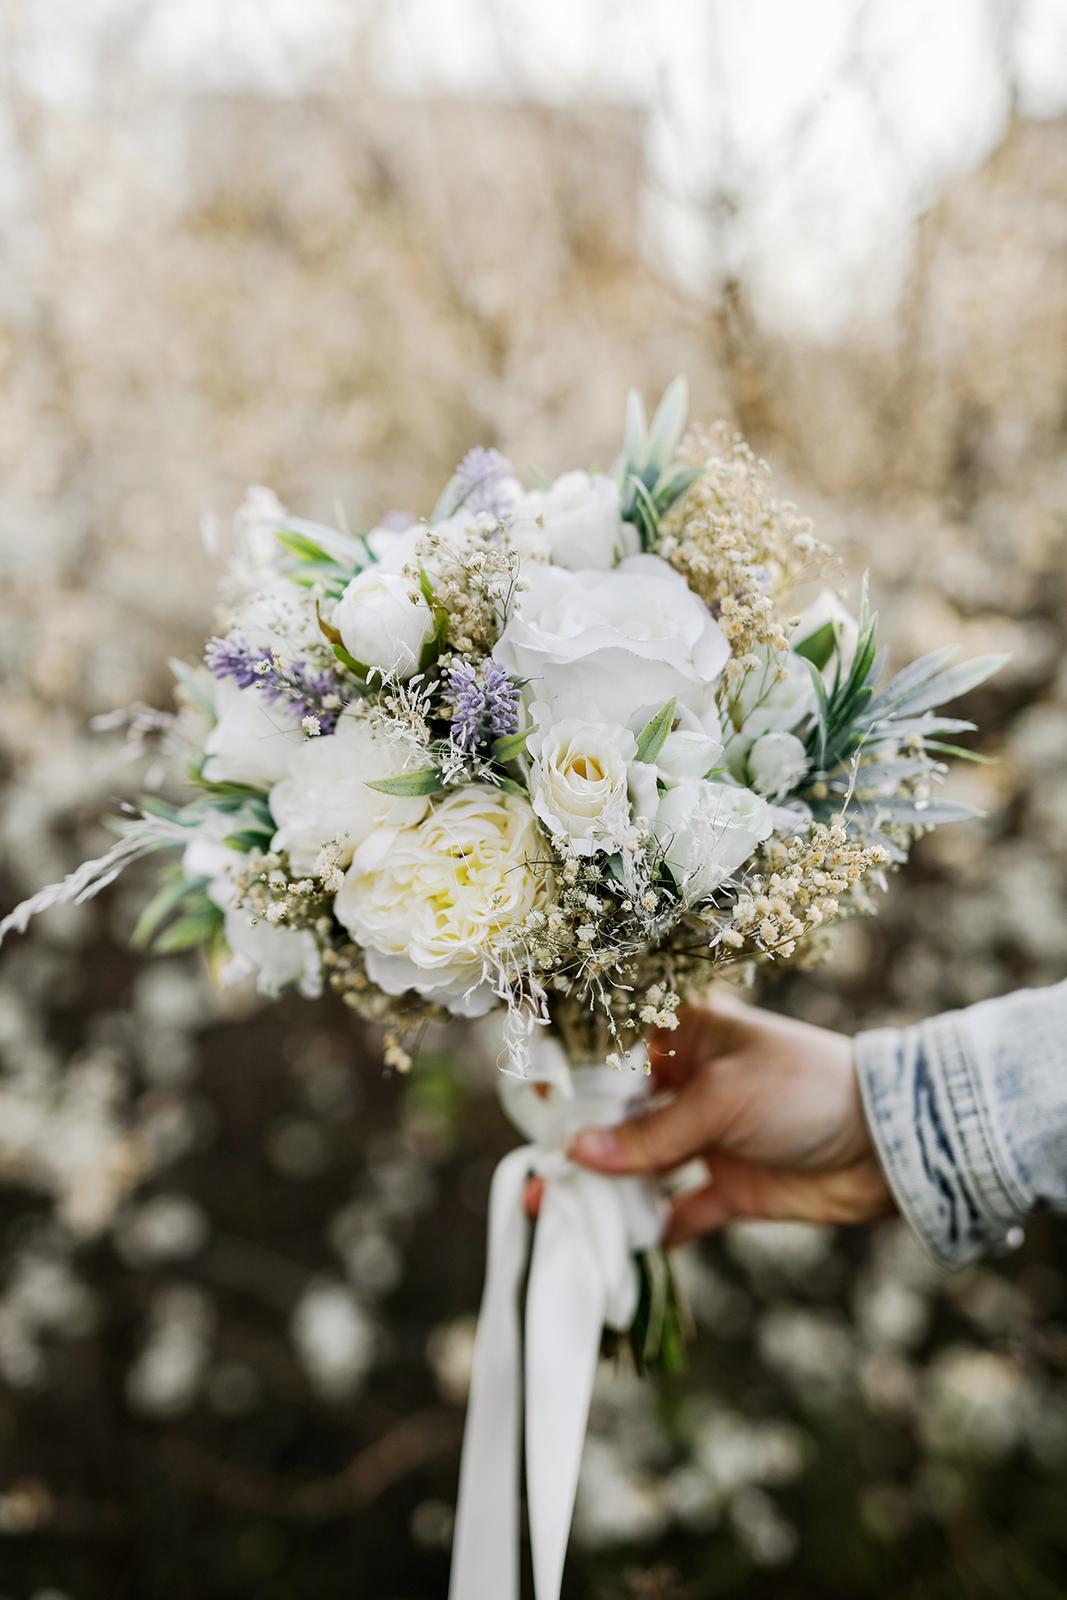 Přípravy - Moje svatební kytice od nejšikovnější magaela. Koupena na fler.